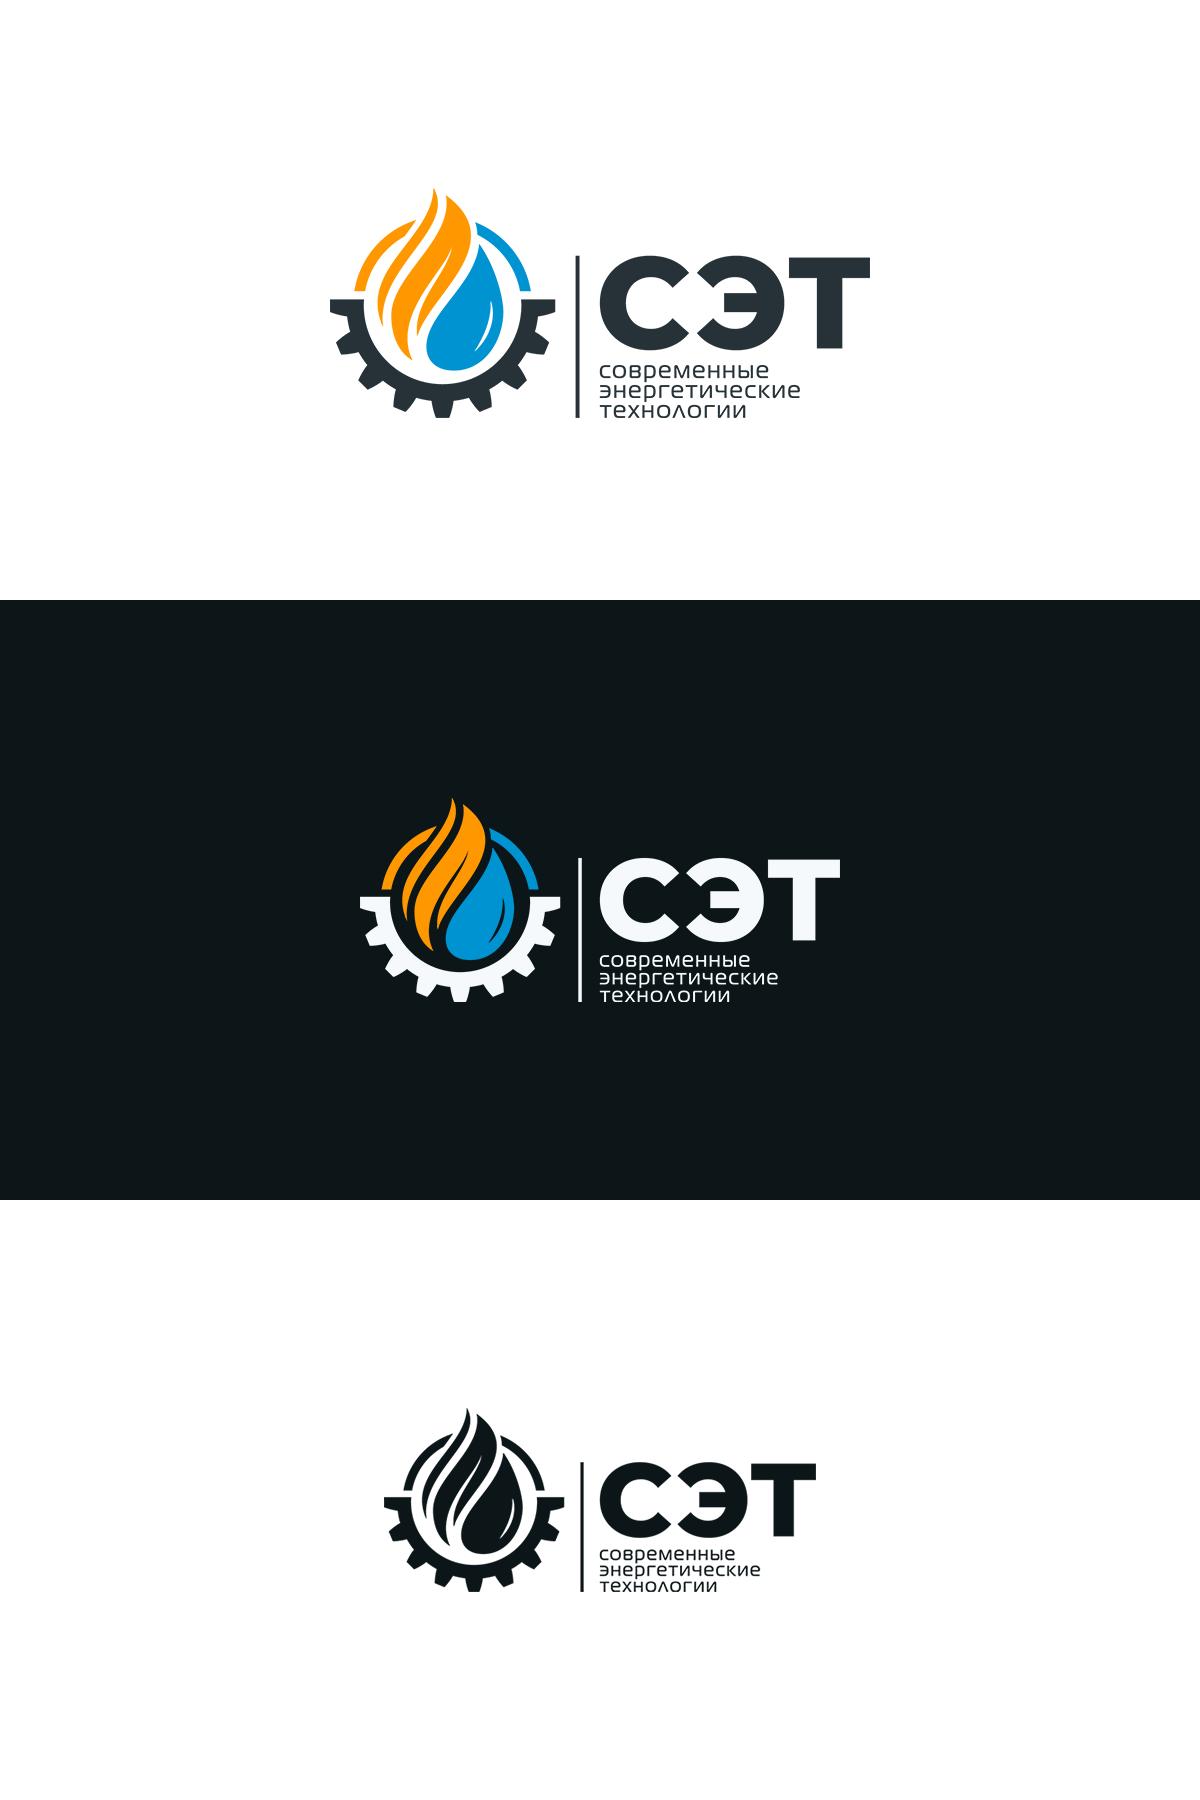 Срочно! Дизайн логотипа ООО «СЭТ» фото f_1985d516d081c463.png